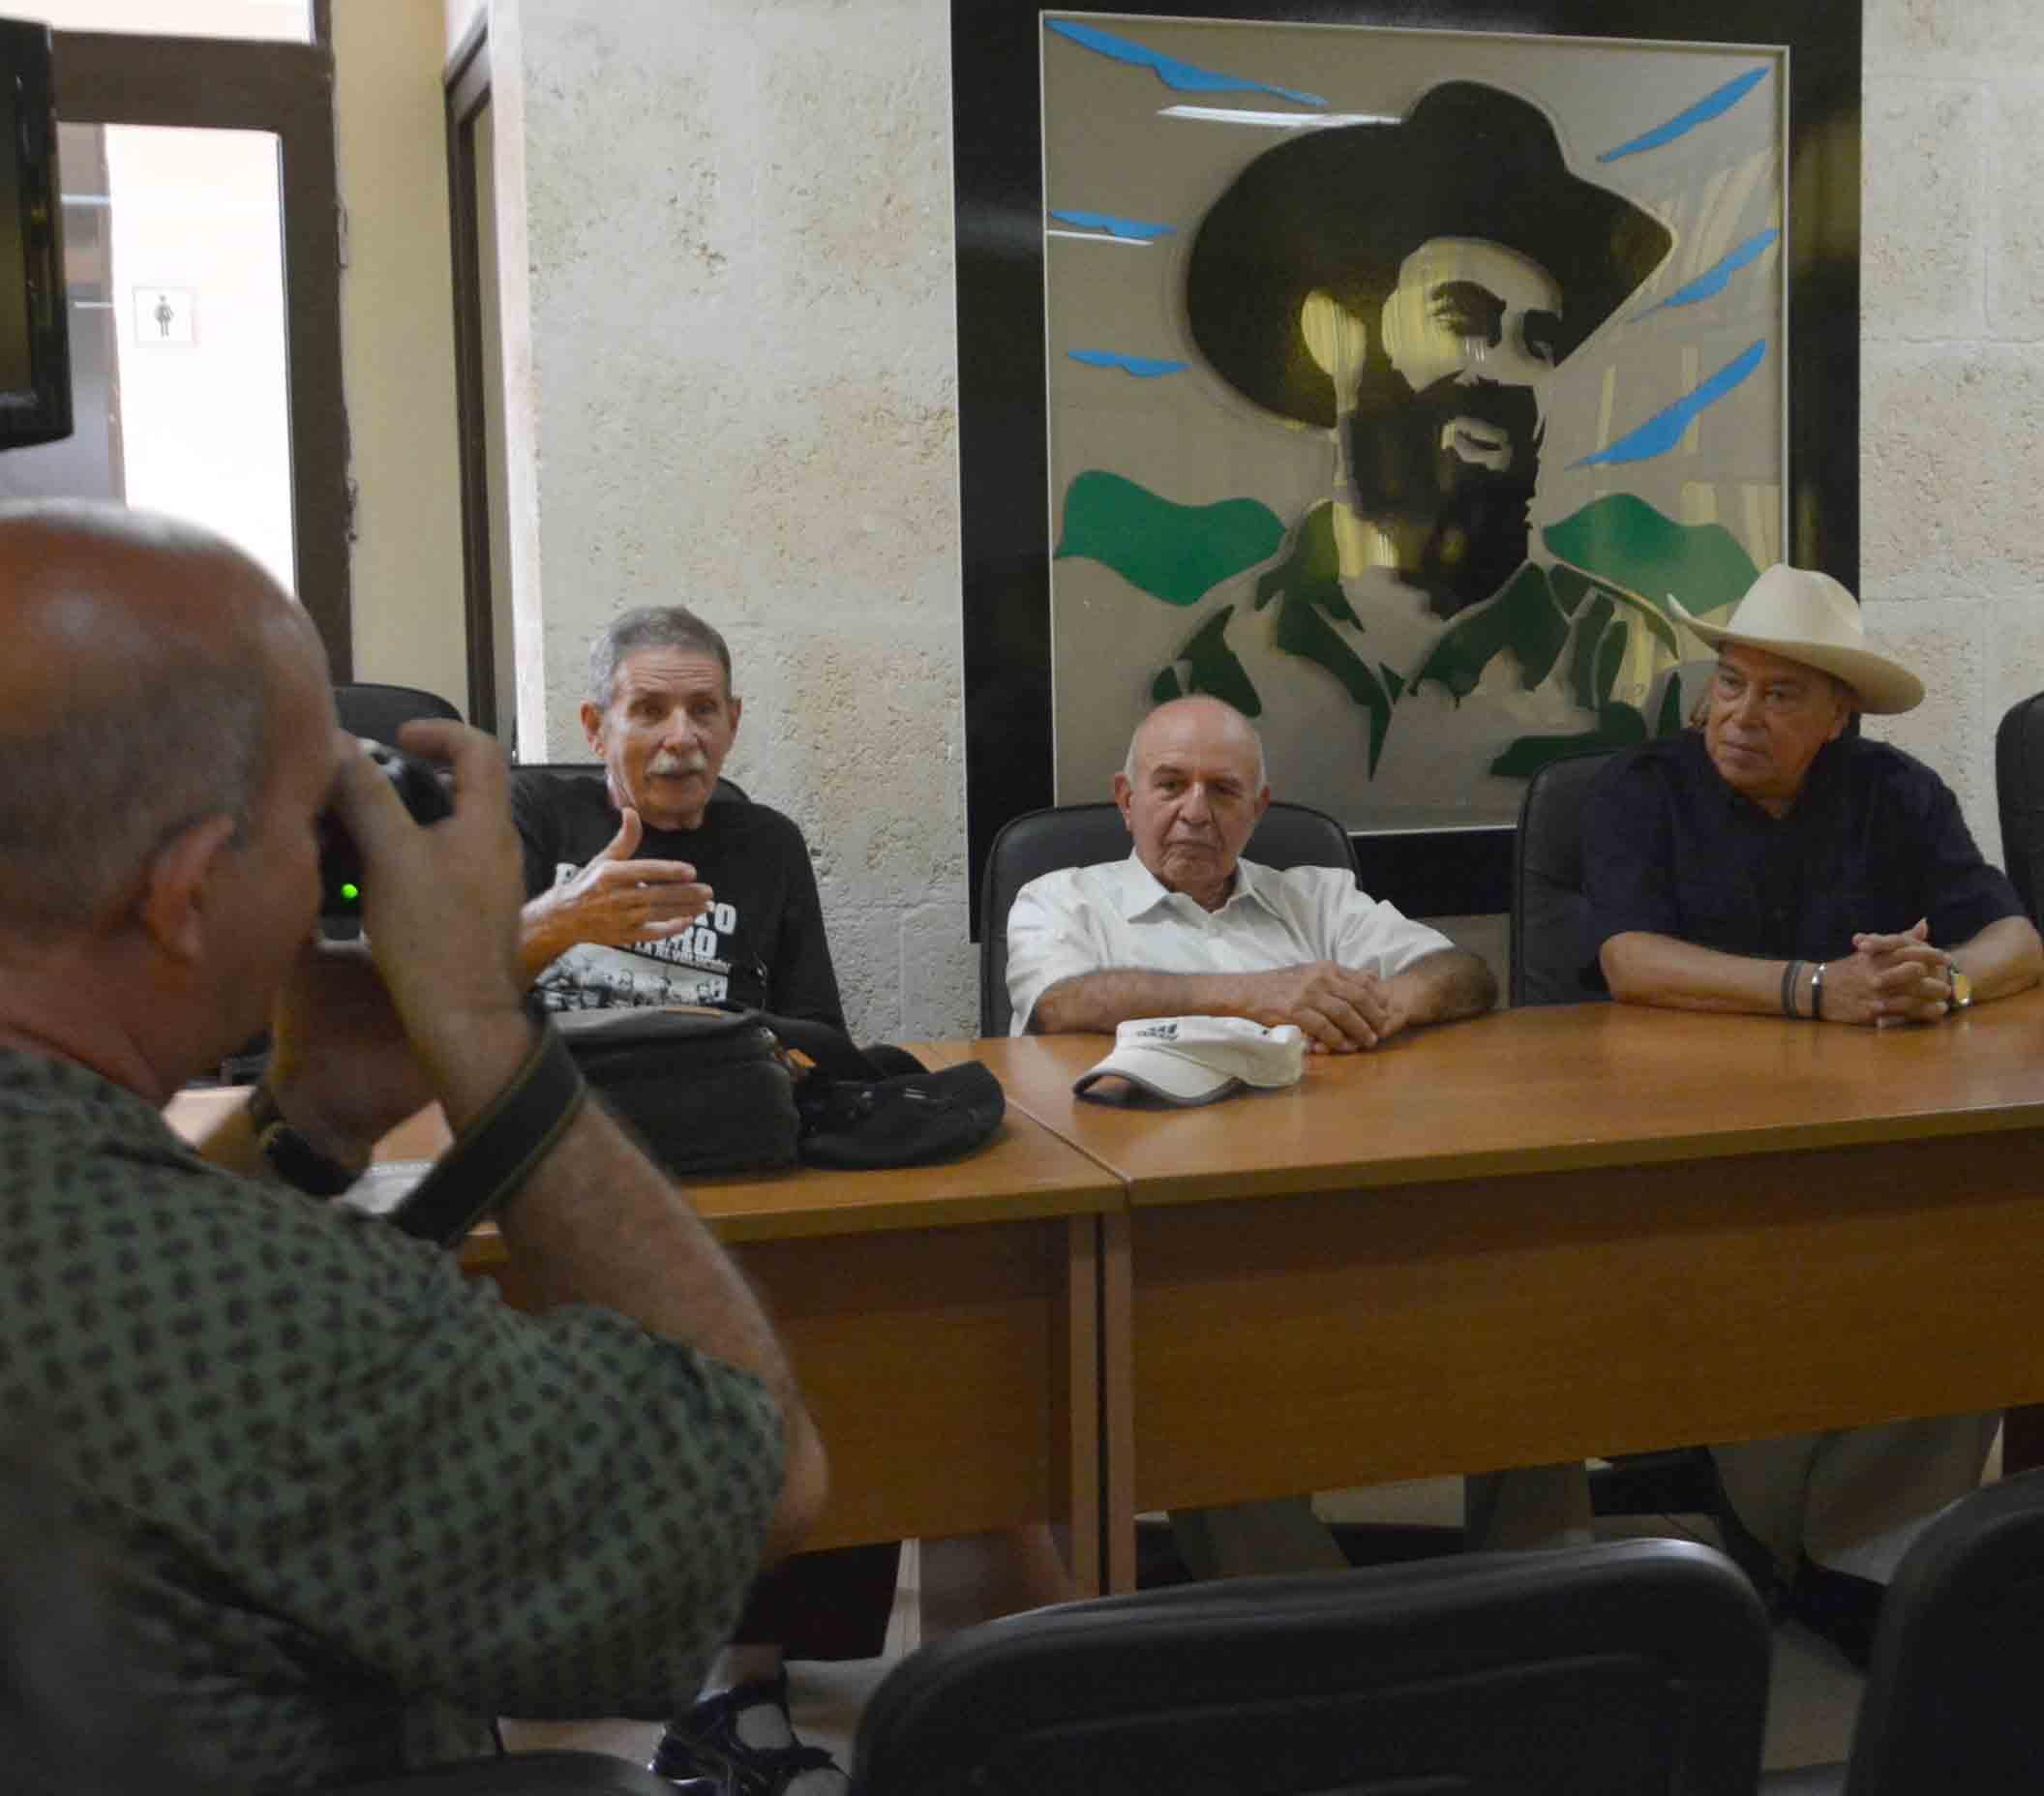 El documental fue presentado en el Complejo Histórico Camilo Cienfuegos en presencia de su protagonista y parte de sui equipo mexicano de realización. (Foto: Oscar Alfonso)